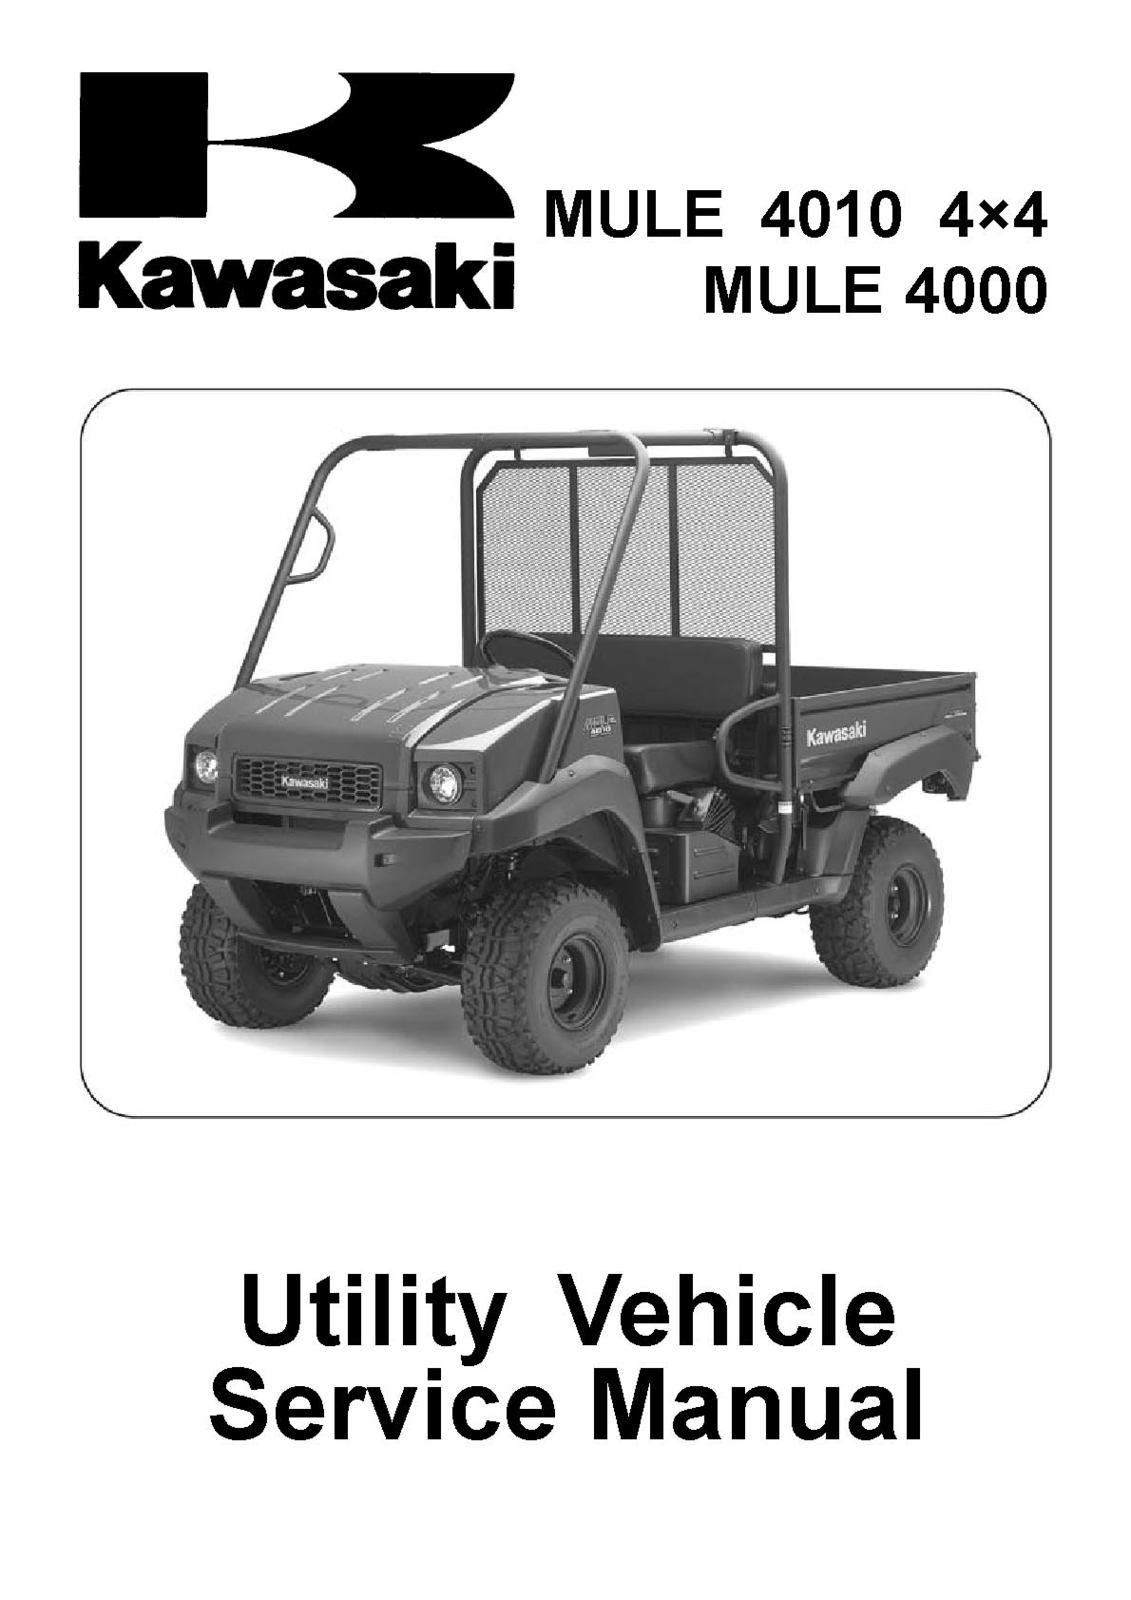 Mule 4010 4 4 mule 4000 2009